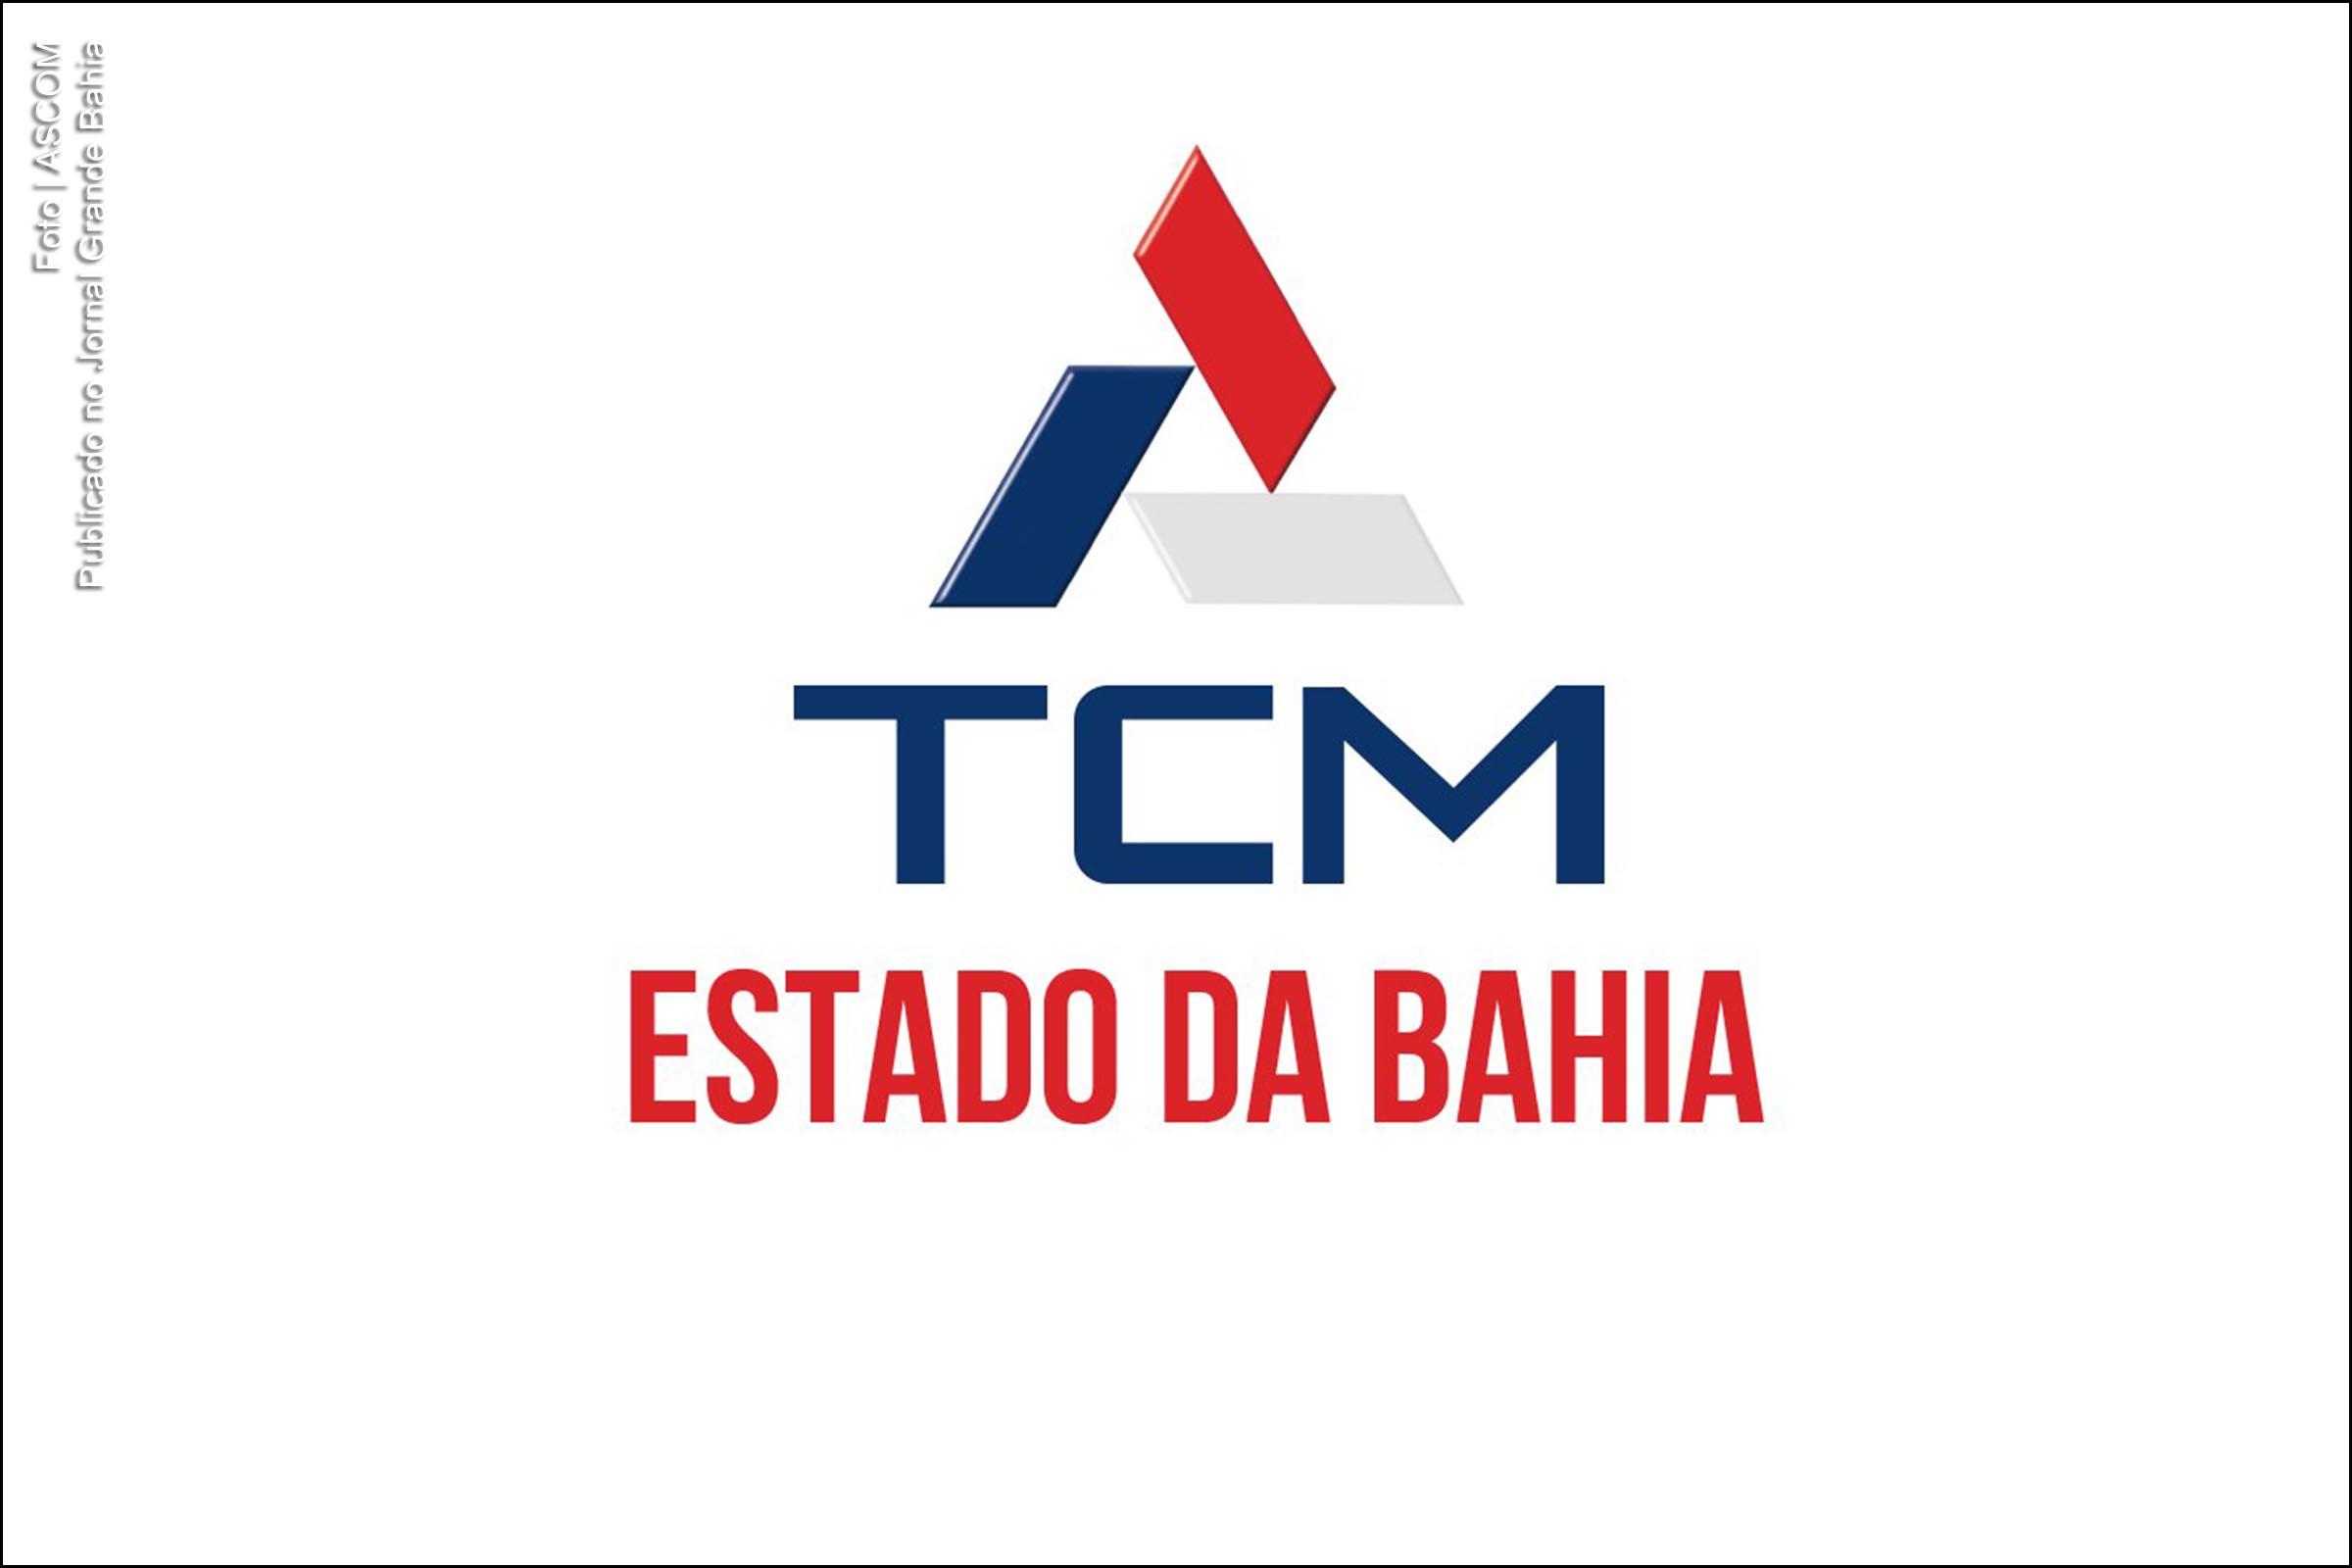 TCM - Prefeitura de Jequié usou 326 pneus em 16 veículos